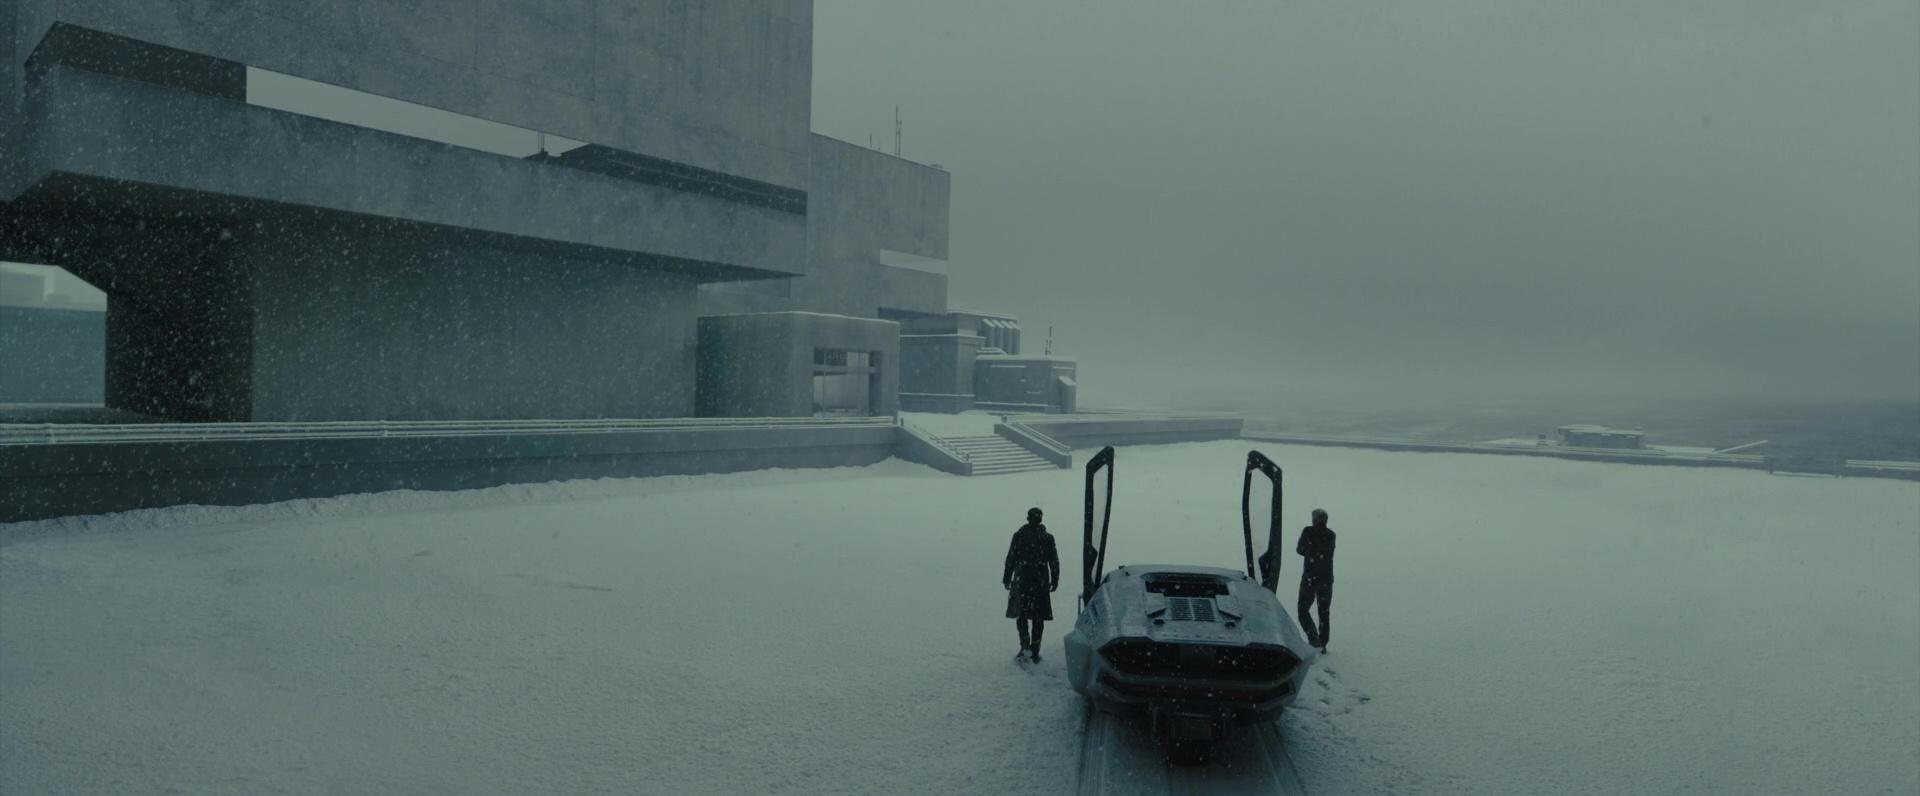 Used Chevrolet Silverado >> Peugeot Car Used by Ryan Gosling in Blade Runner 2049 ...